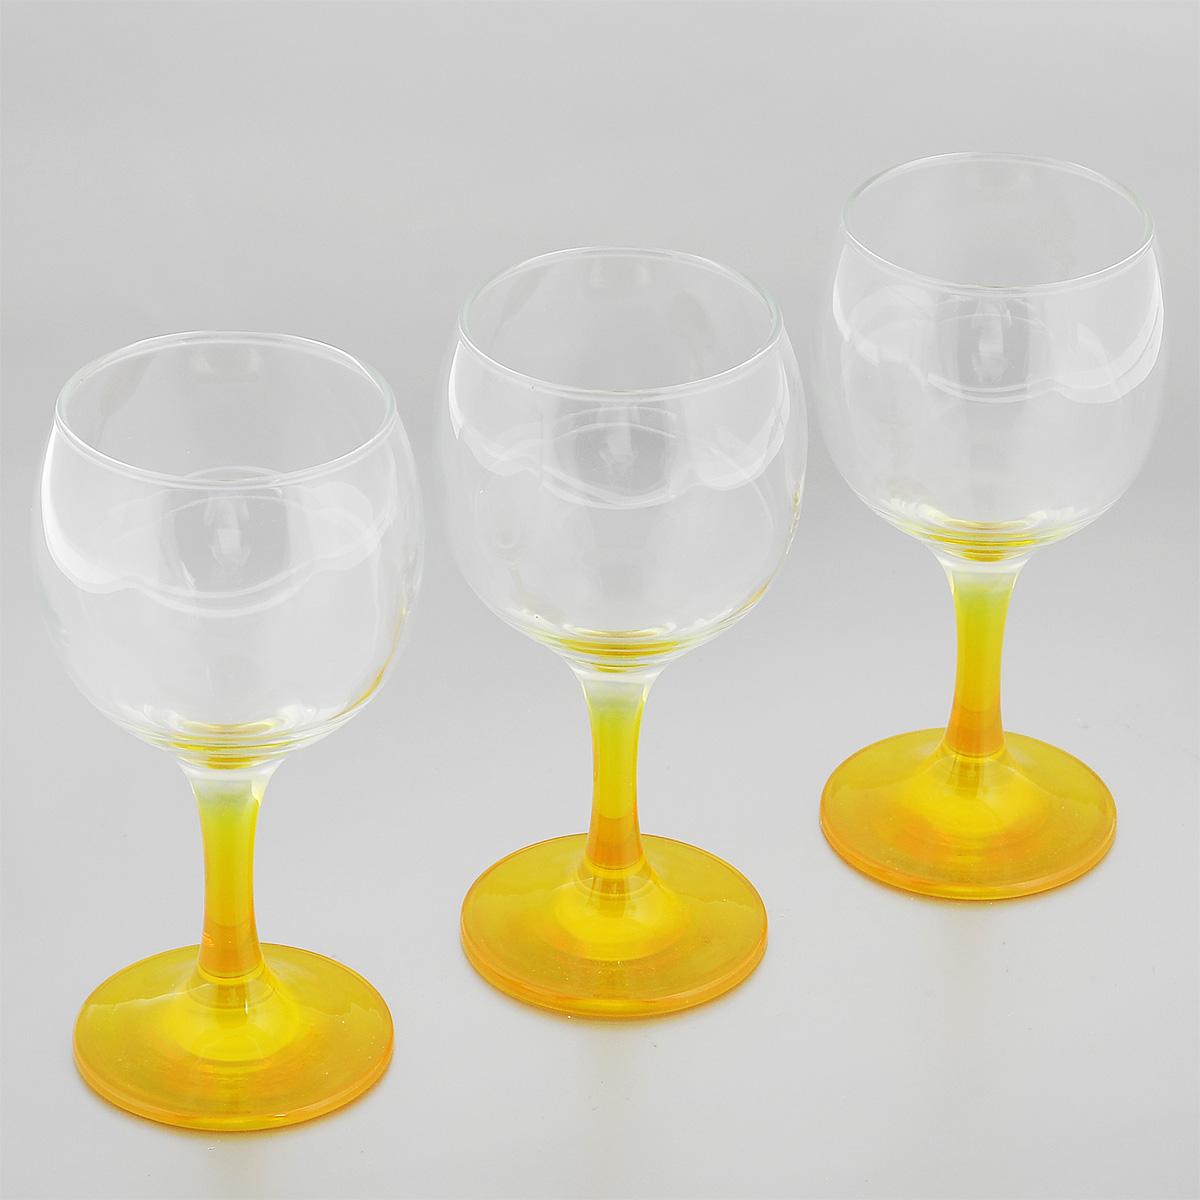 Набор фужеров Glass4you, цвет: желтый, 220 мл, 3 штVT-1520(SR)Набор Glass4you состоит из трех фужеров, выполненных из прочного натрий-кальций-силикатного стекла. Изделия имеют тонкие высокие цветные ножки. Фужеры излучают приятный блеск и издают мелодичный звон. Предназначены для подачи вина. Набор фужеров Glass4you прекрасно оформит праздничный стол и станет хорошим подарком к любому случаю. Можно мыть в посудомоечной машине.Диаметр фужера (по верхнему краю): 6,6 см. Высота фужера: 14,5 см. Диаметр основания: 6,4 см.